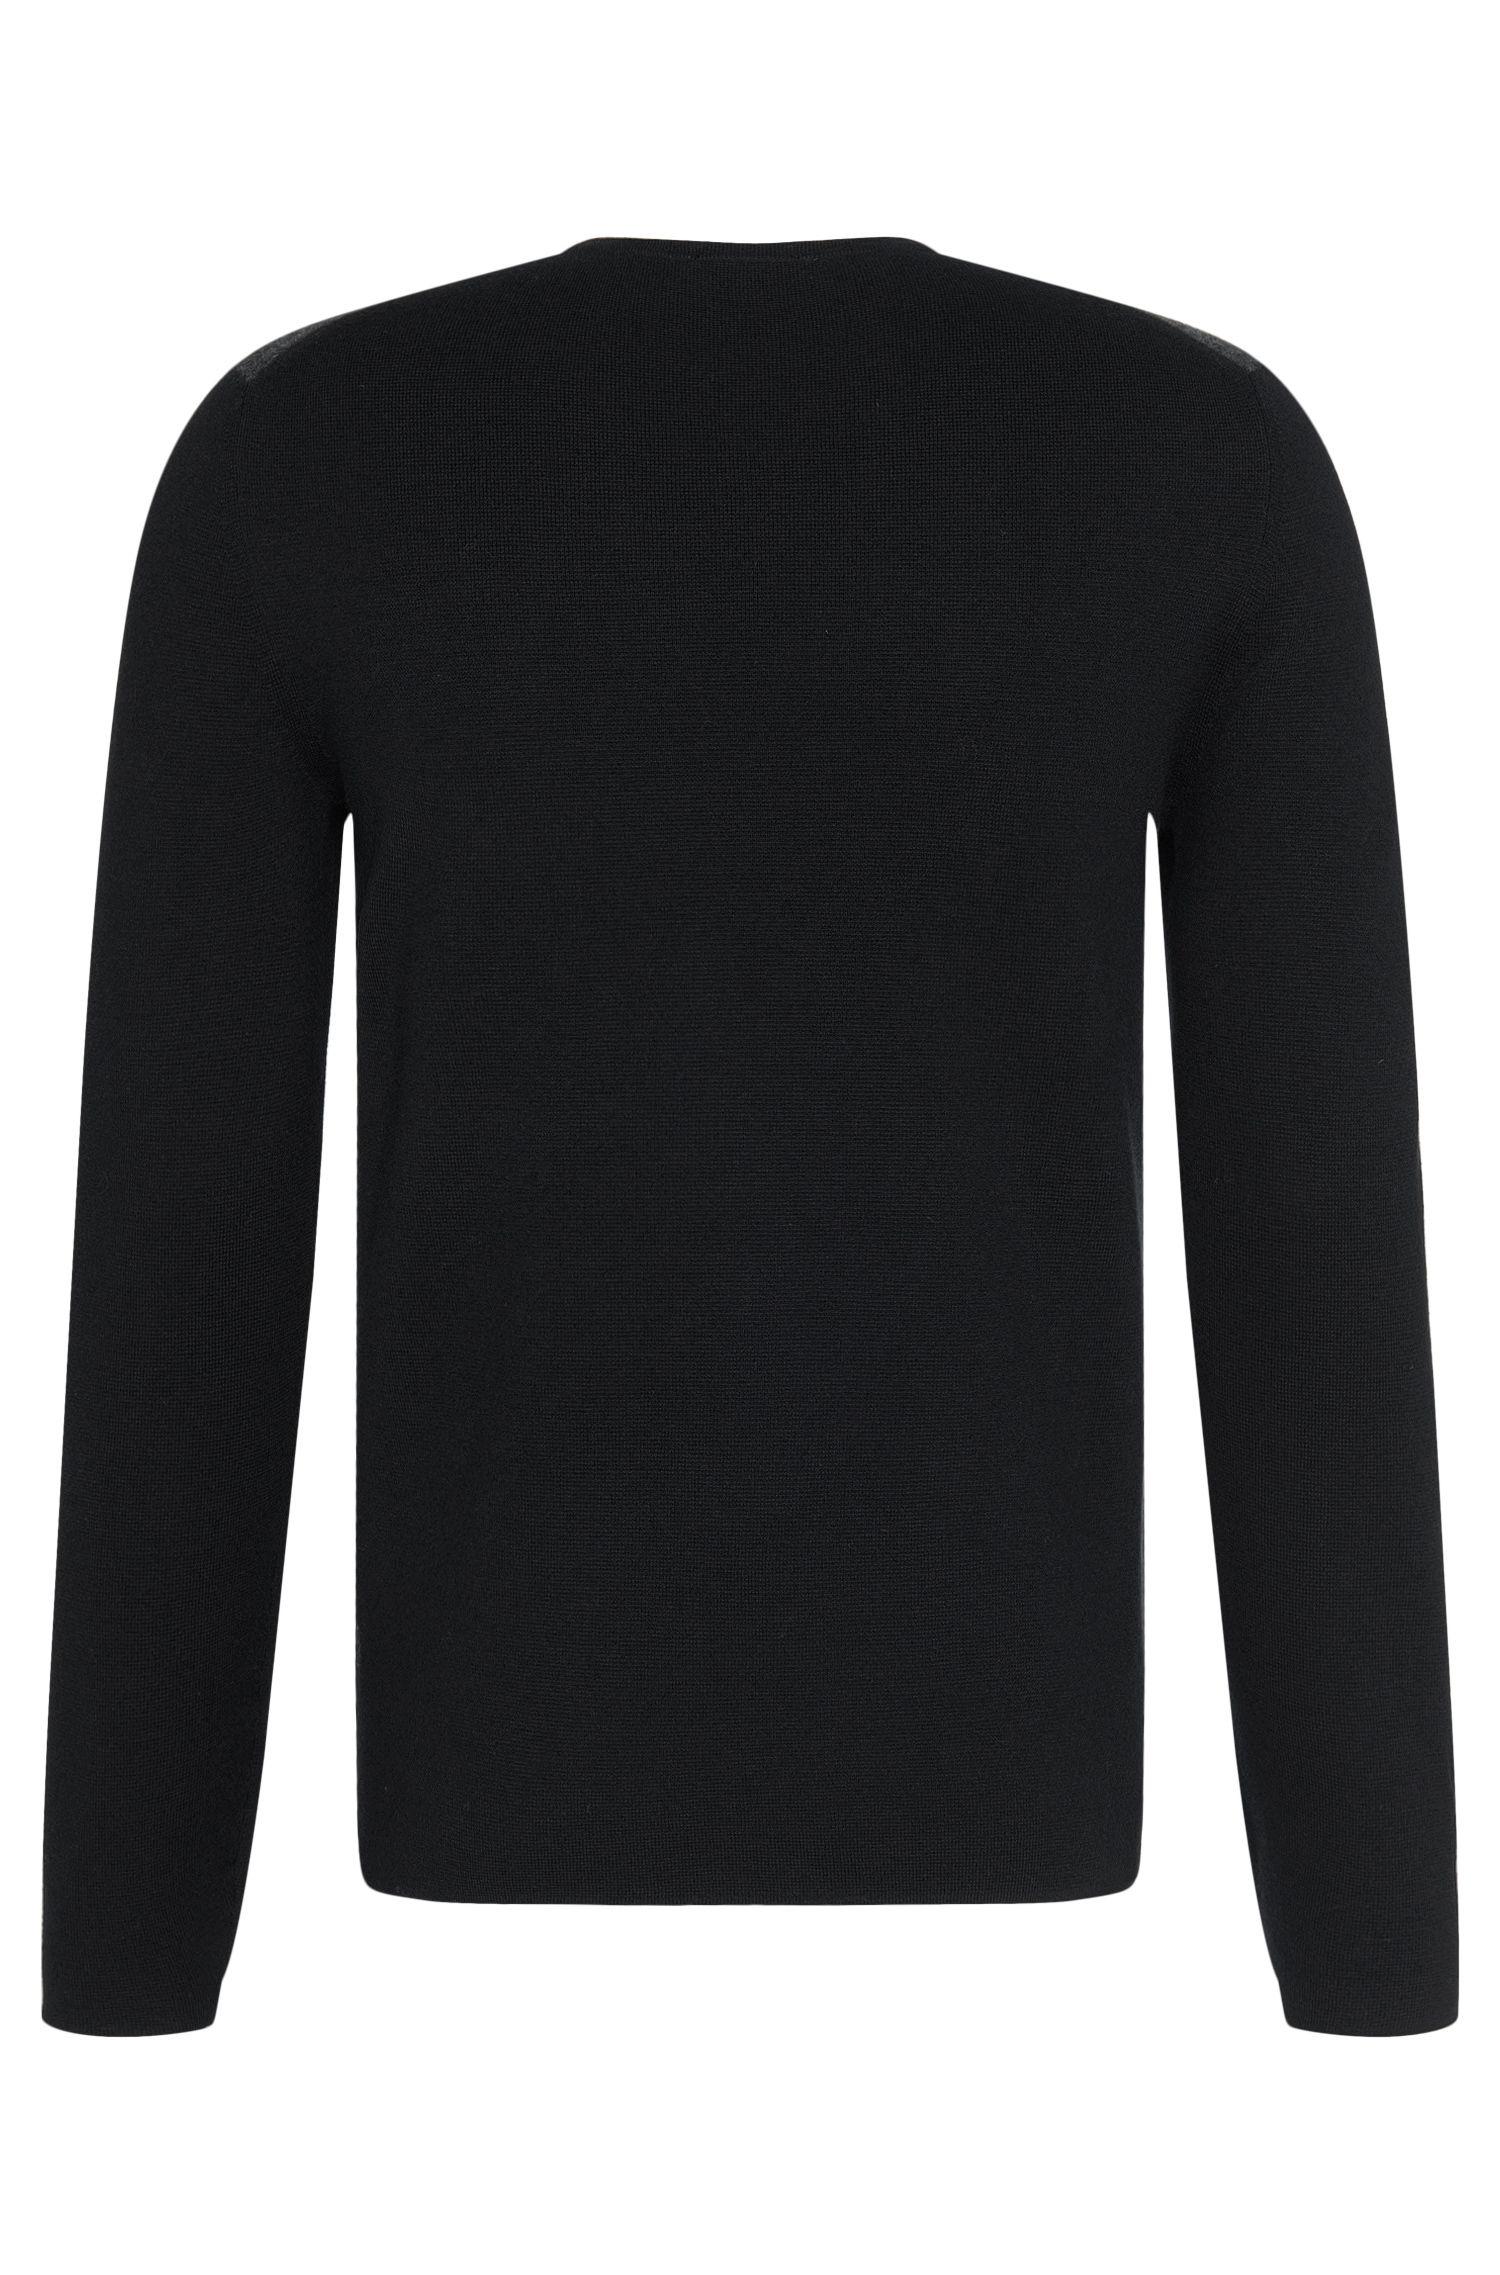 Regular-Fit Pullover aus Baumwoll-Schurwoll-Mix: 'Brevo'